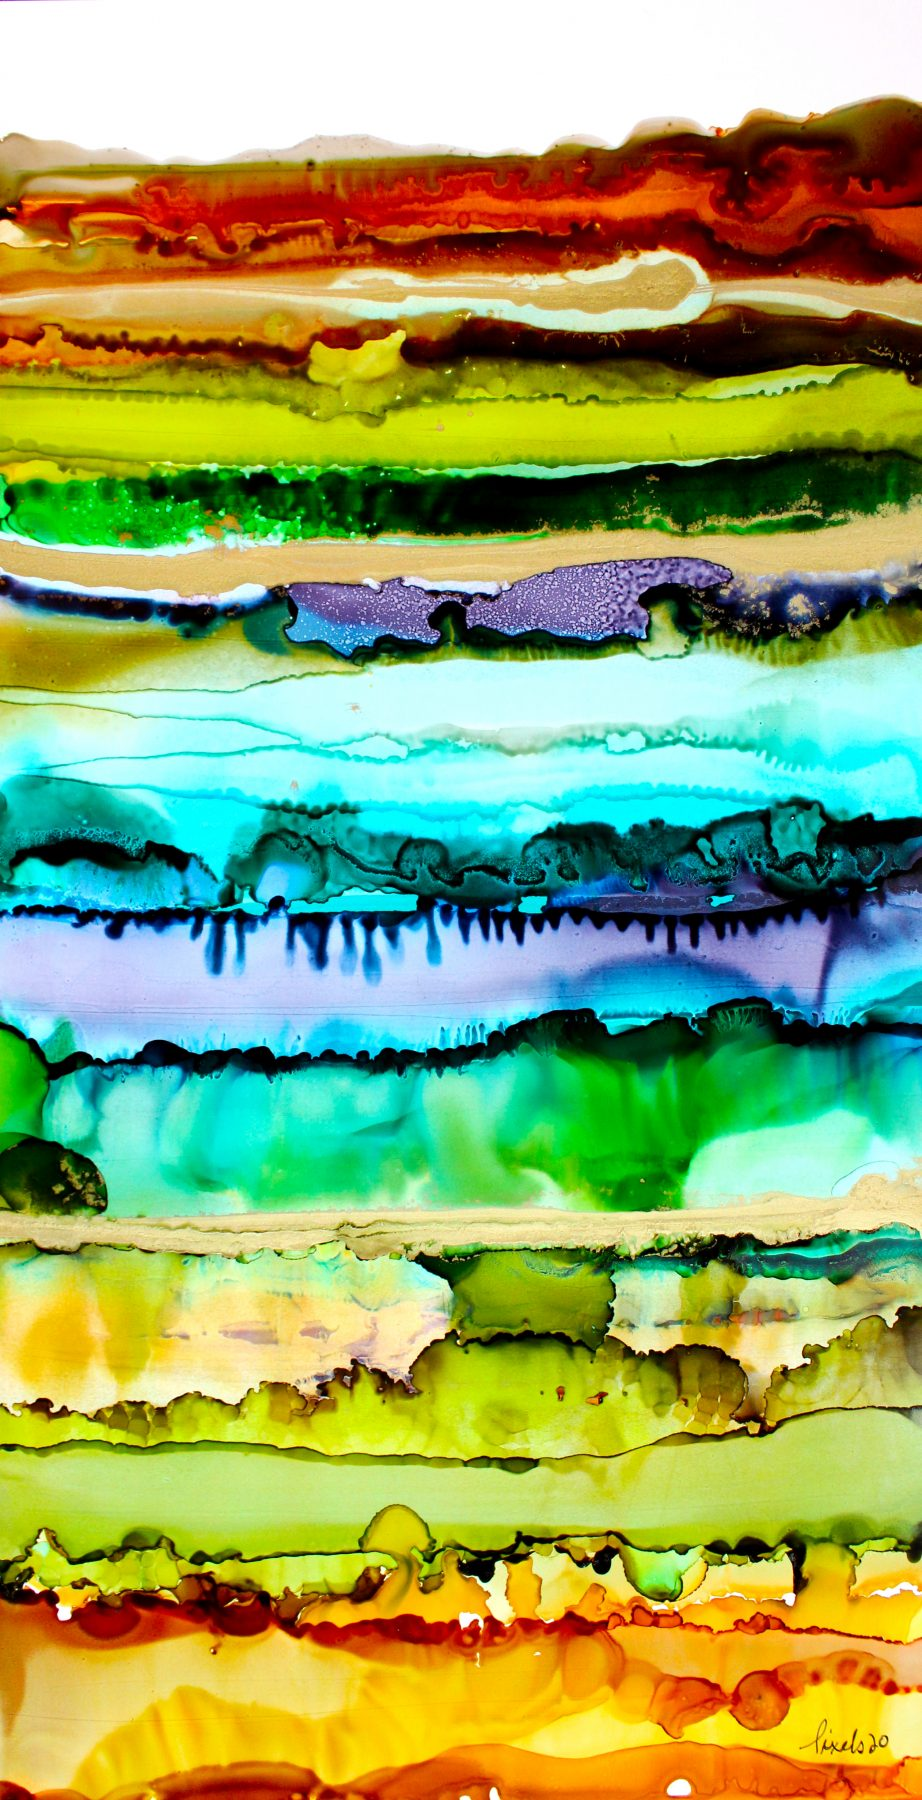 Fais-moi voyager- Nancy Létourneau - Pixels